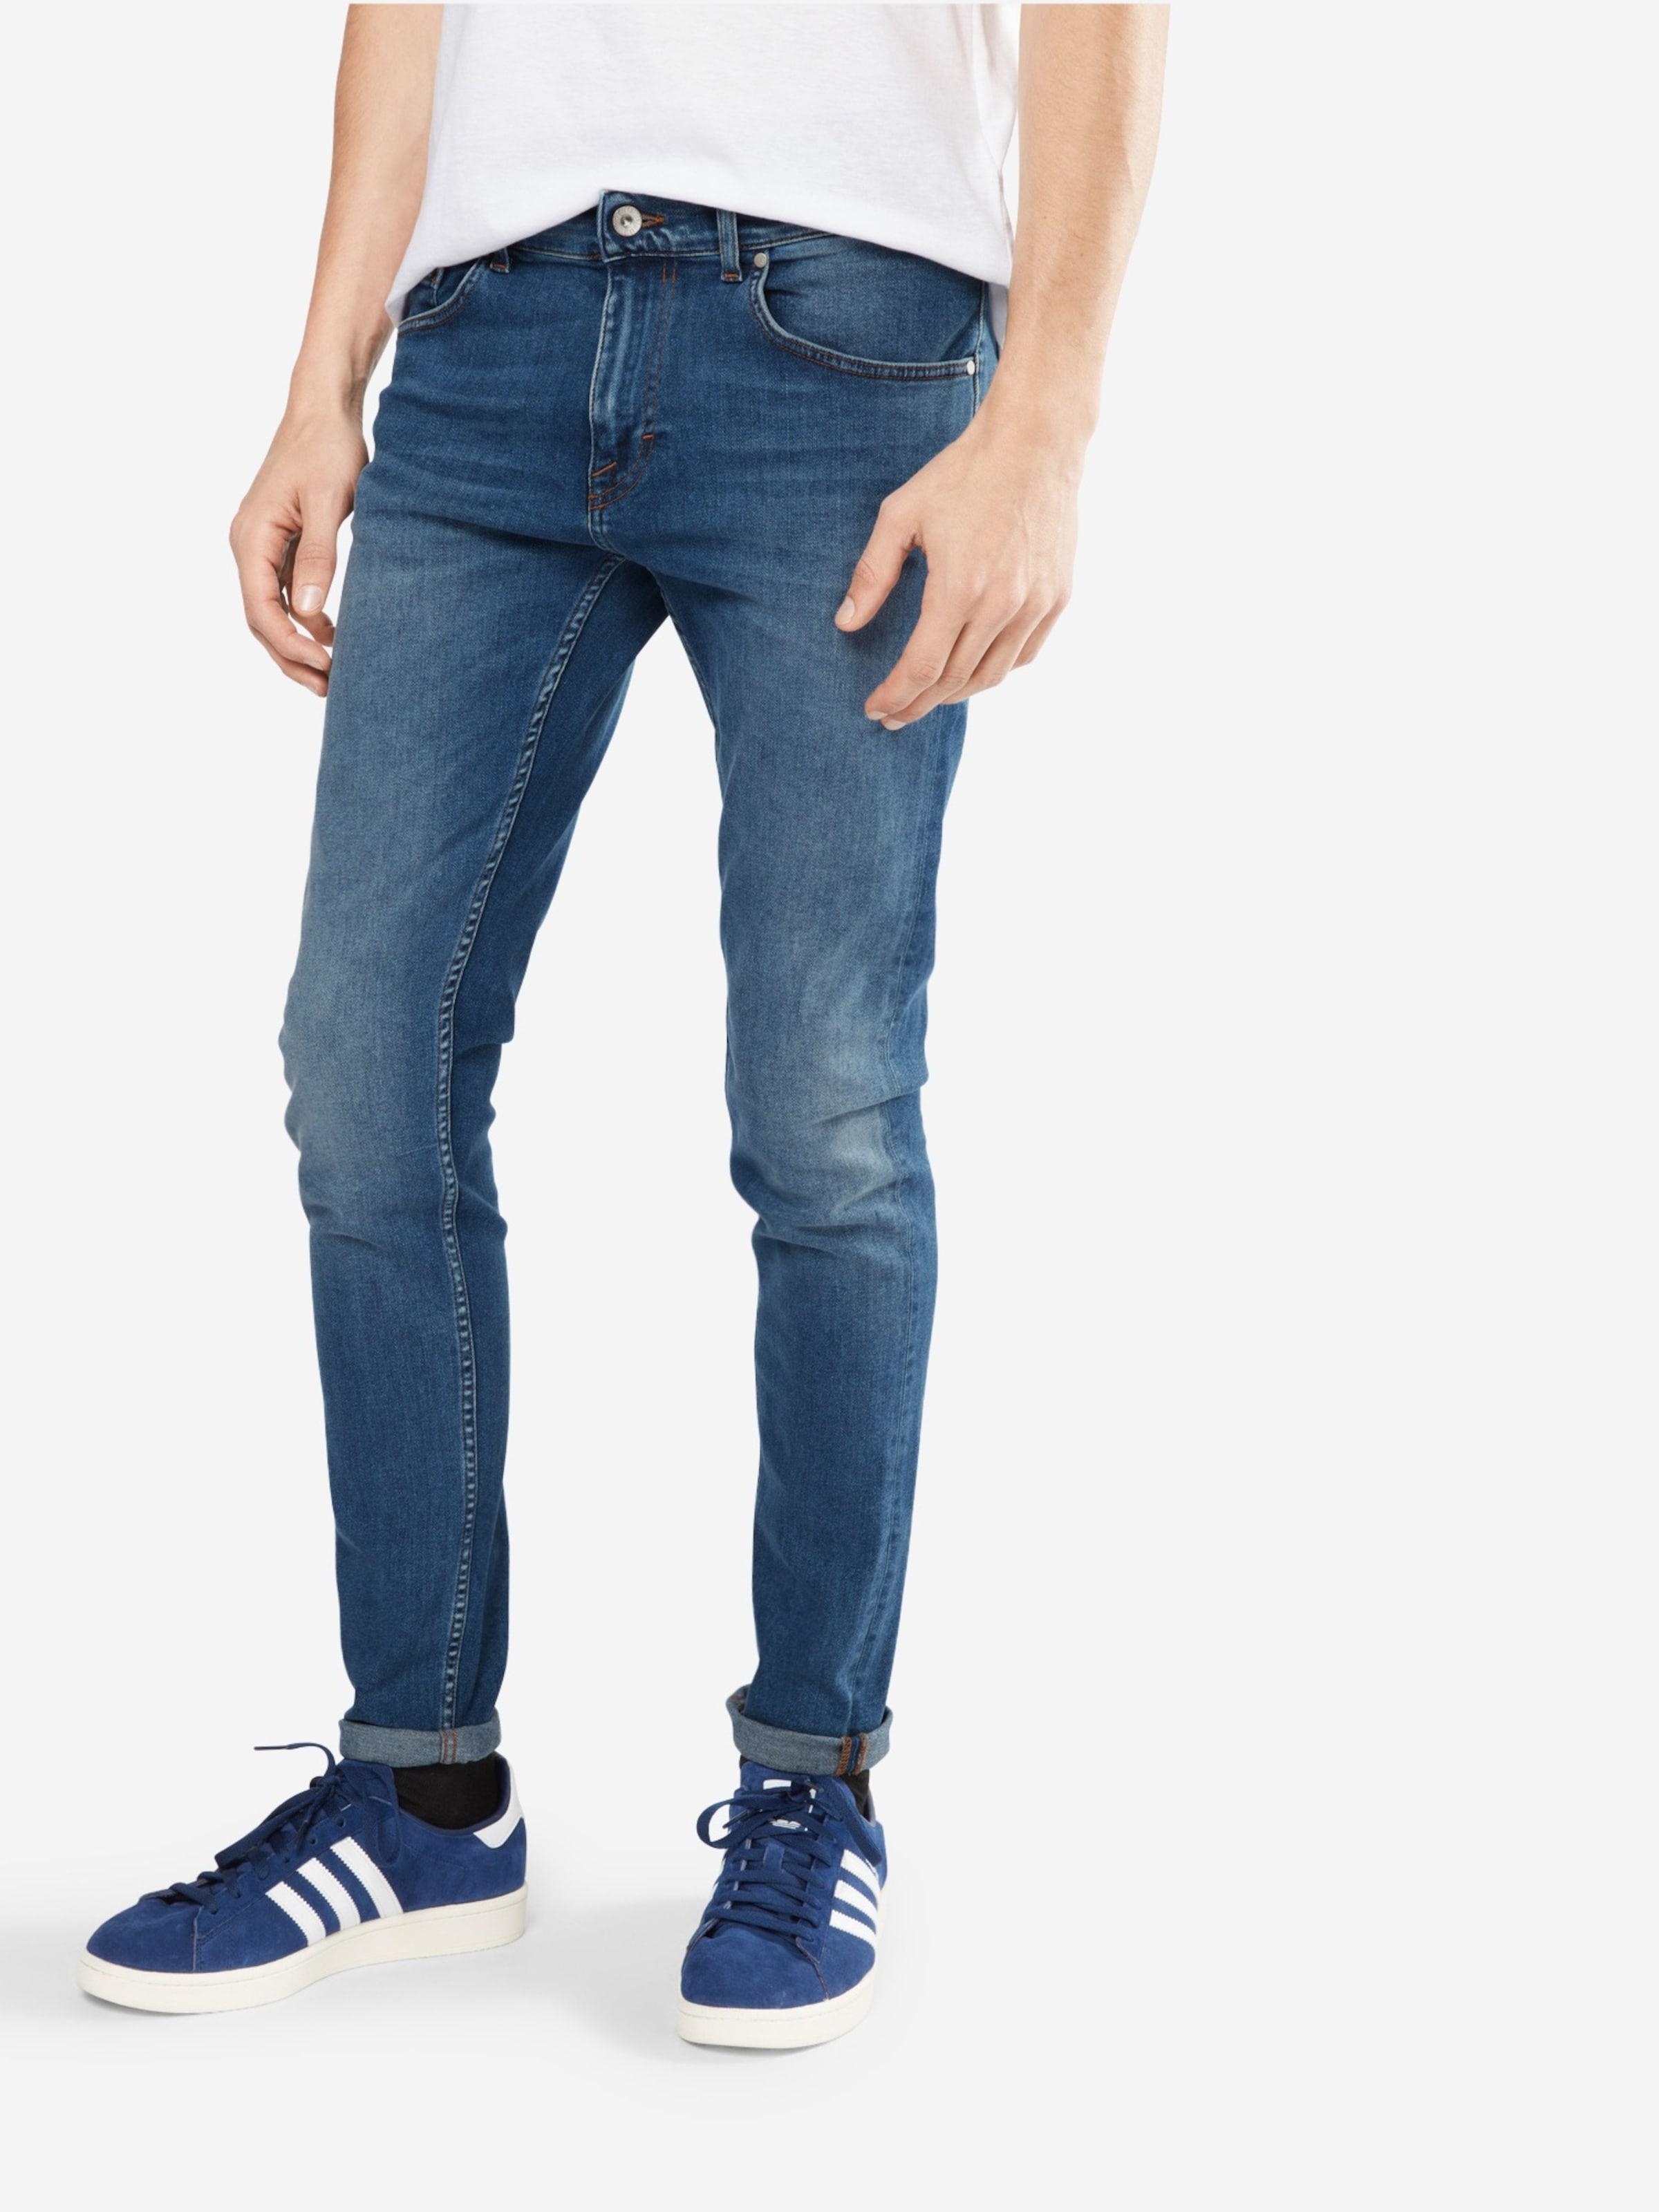 Tiger of Sweden Slim fit Jeans